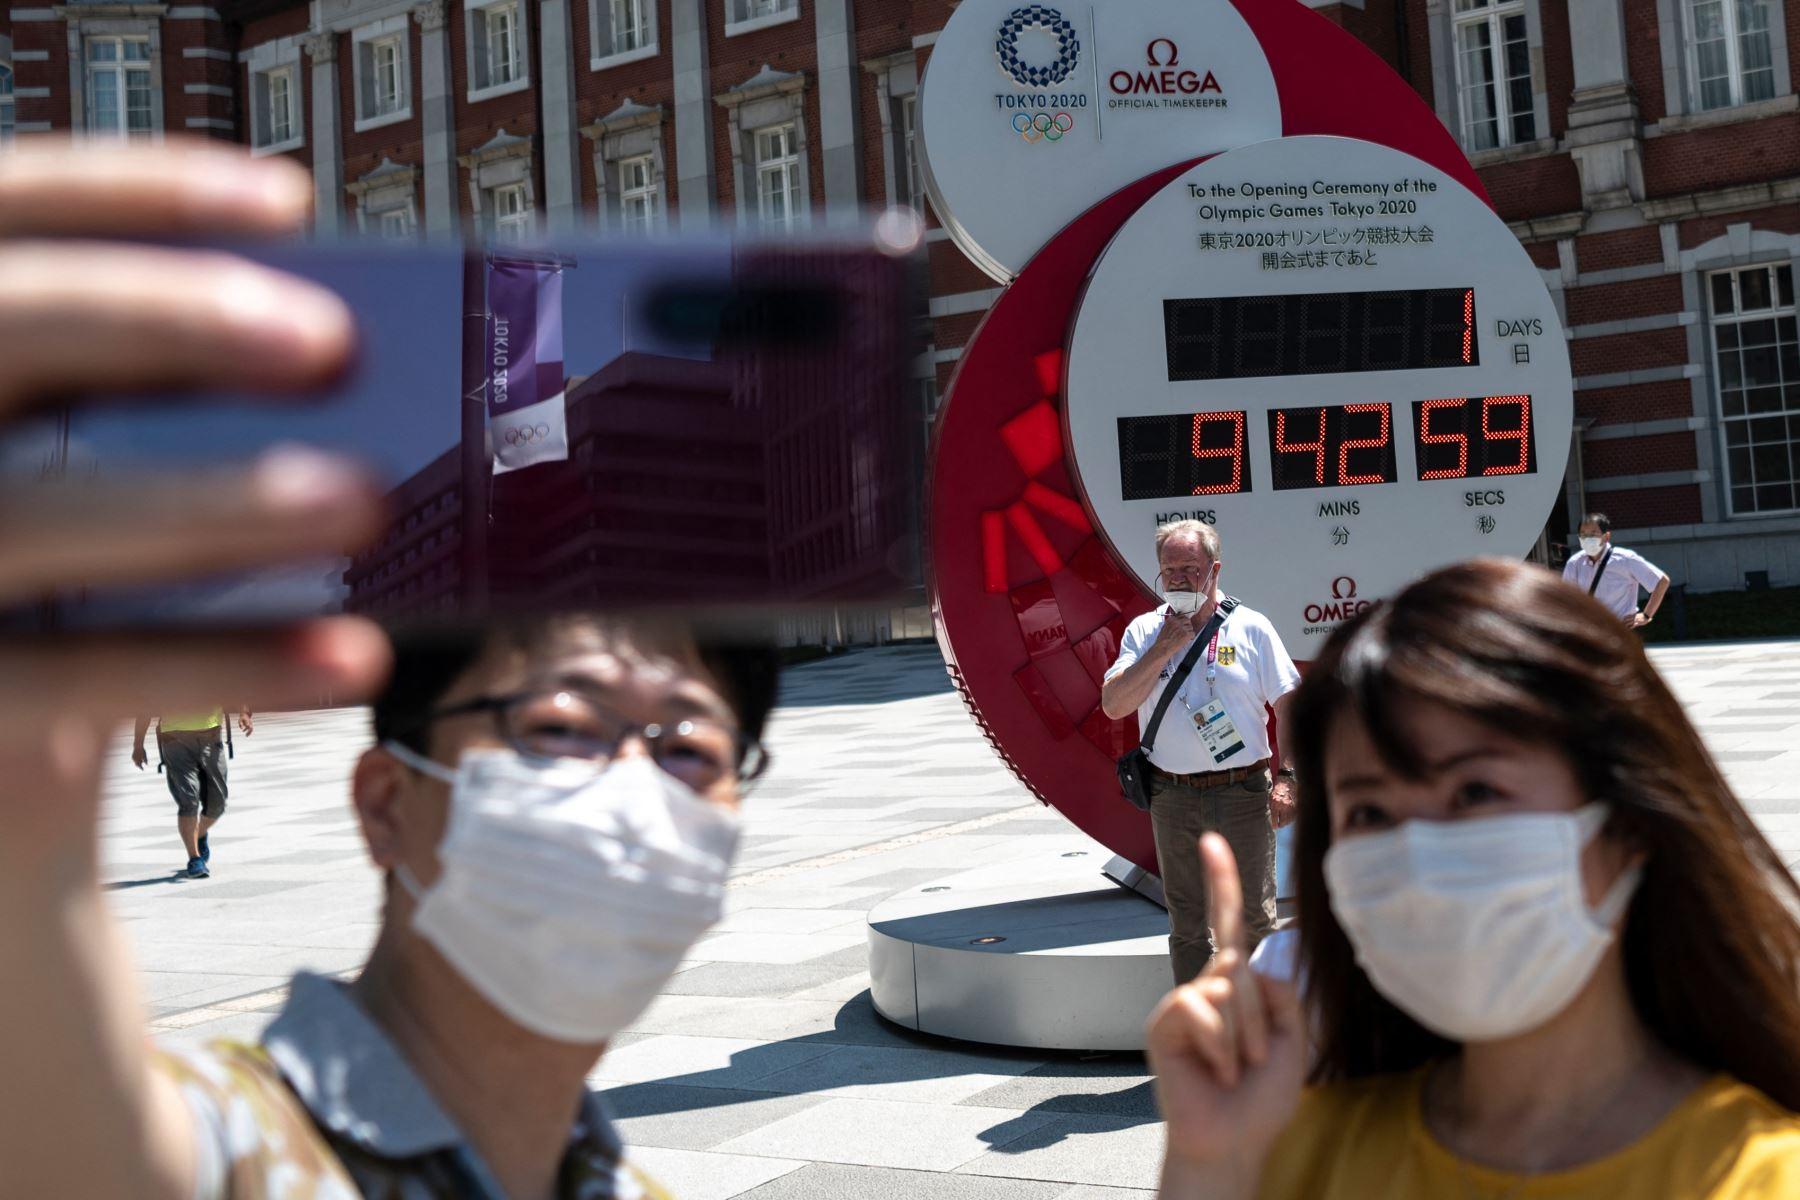 La gente toma fotografías del reloj de cuenta regresiva que indica 1 día y 9 horas antes del inicio de la ceremonia de apertura de los Juegos Olímpicos de Tokio 2020, en las afueras de la estación de Tokio. Foto: AFP